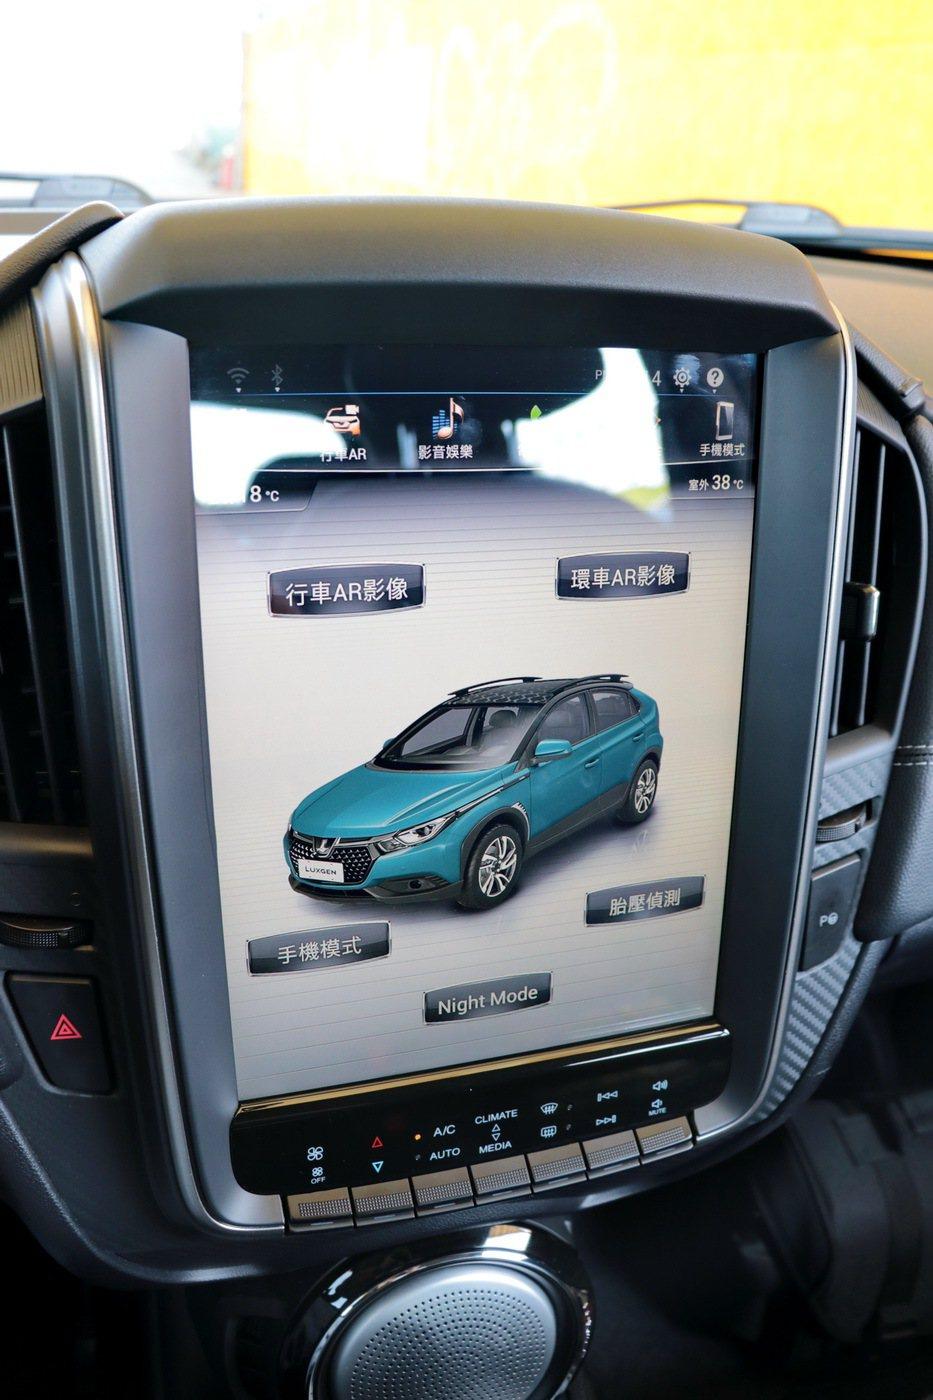 U5是全球第一台整合行車AR影像系統的車款。 記者陳威任/攝影